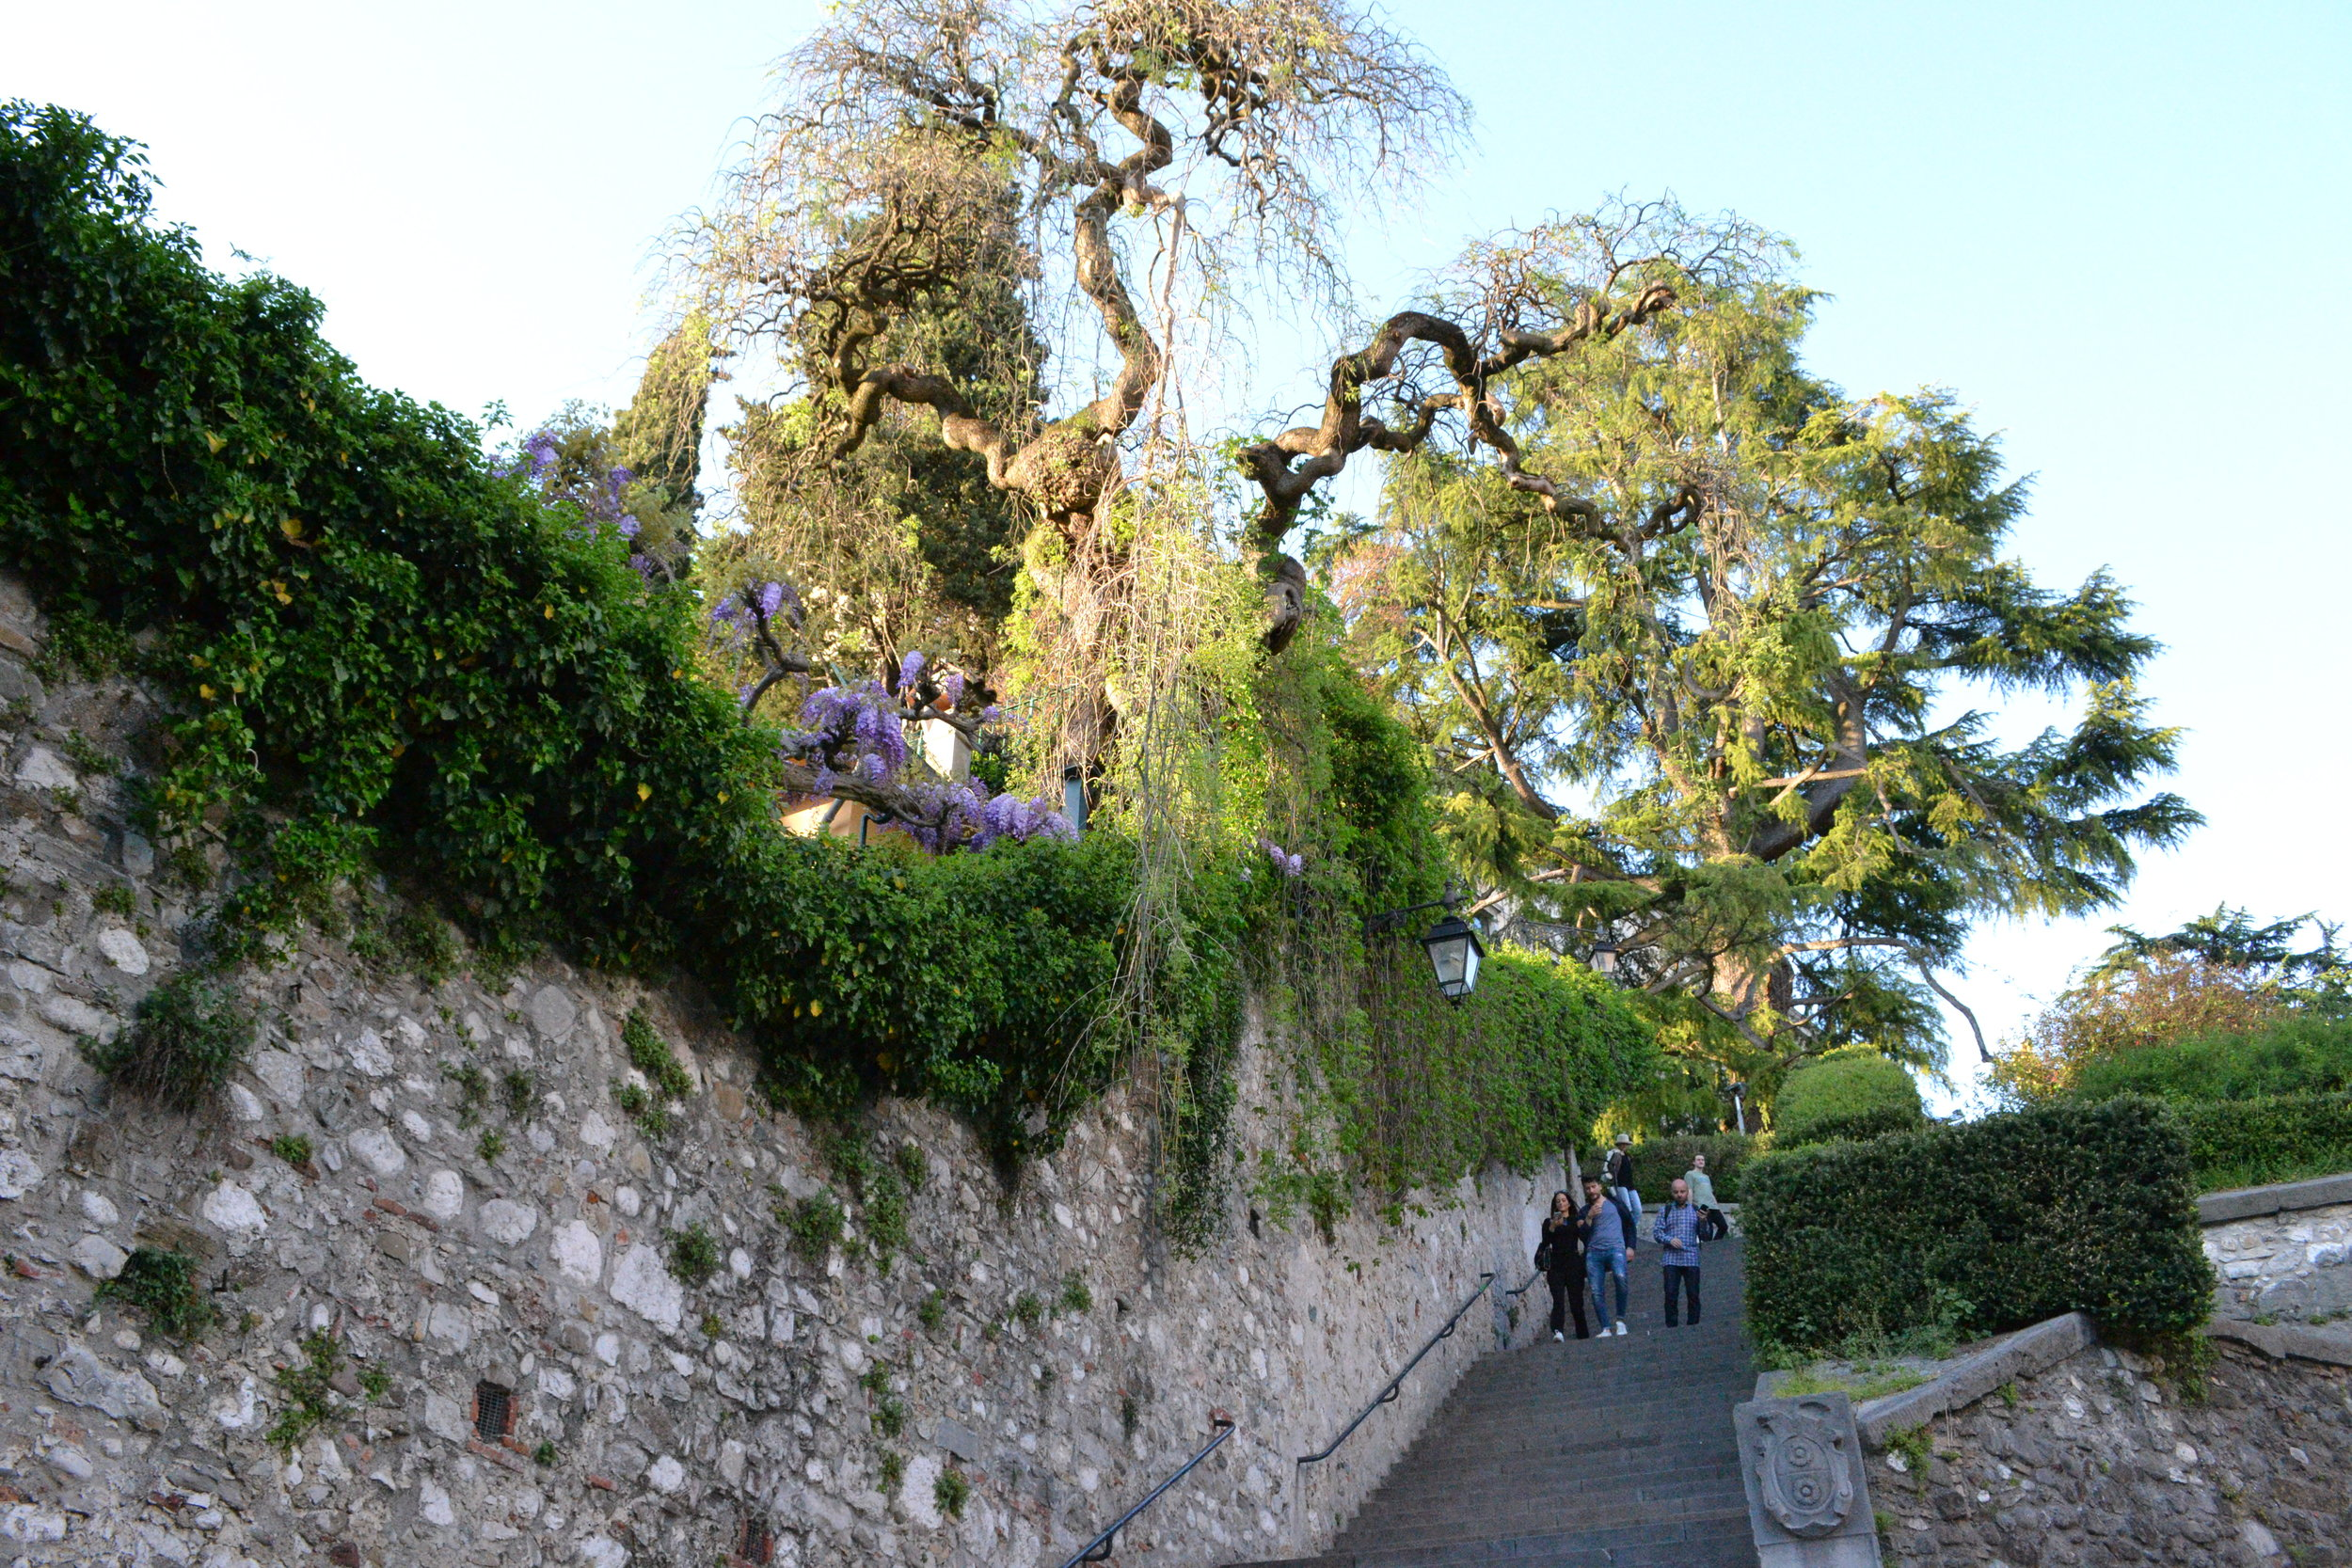 La scalinata per salire al Castello, Udine. Foto di Greta Cinalli